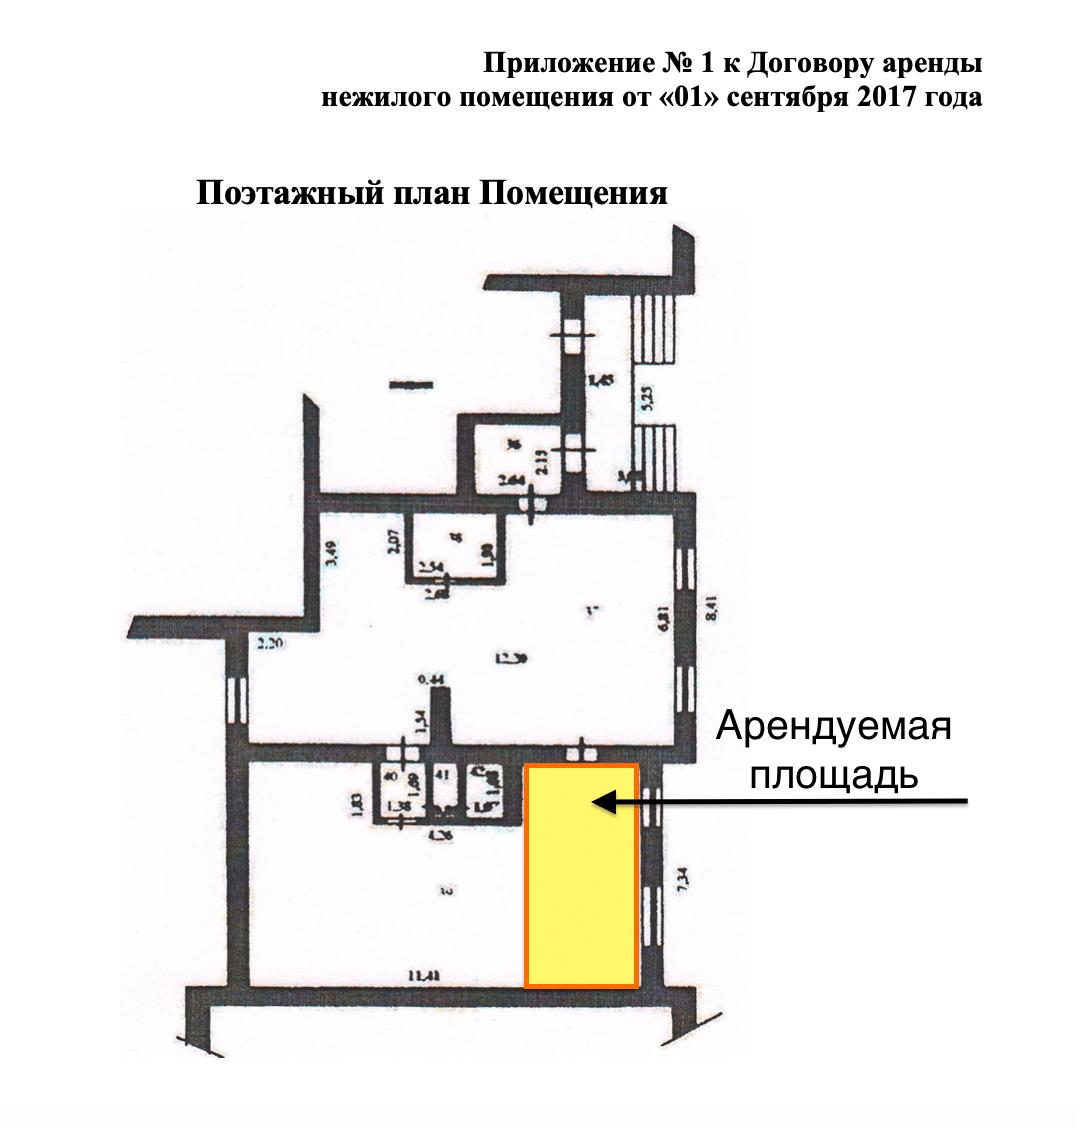 Поэтажный план помещения с выделением площади, которая передается в аренду